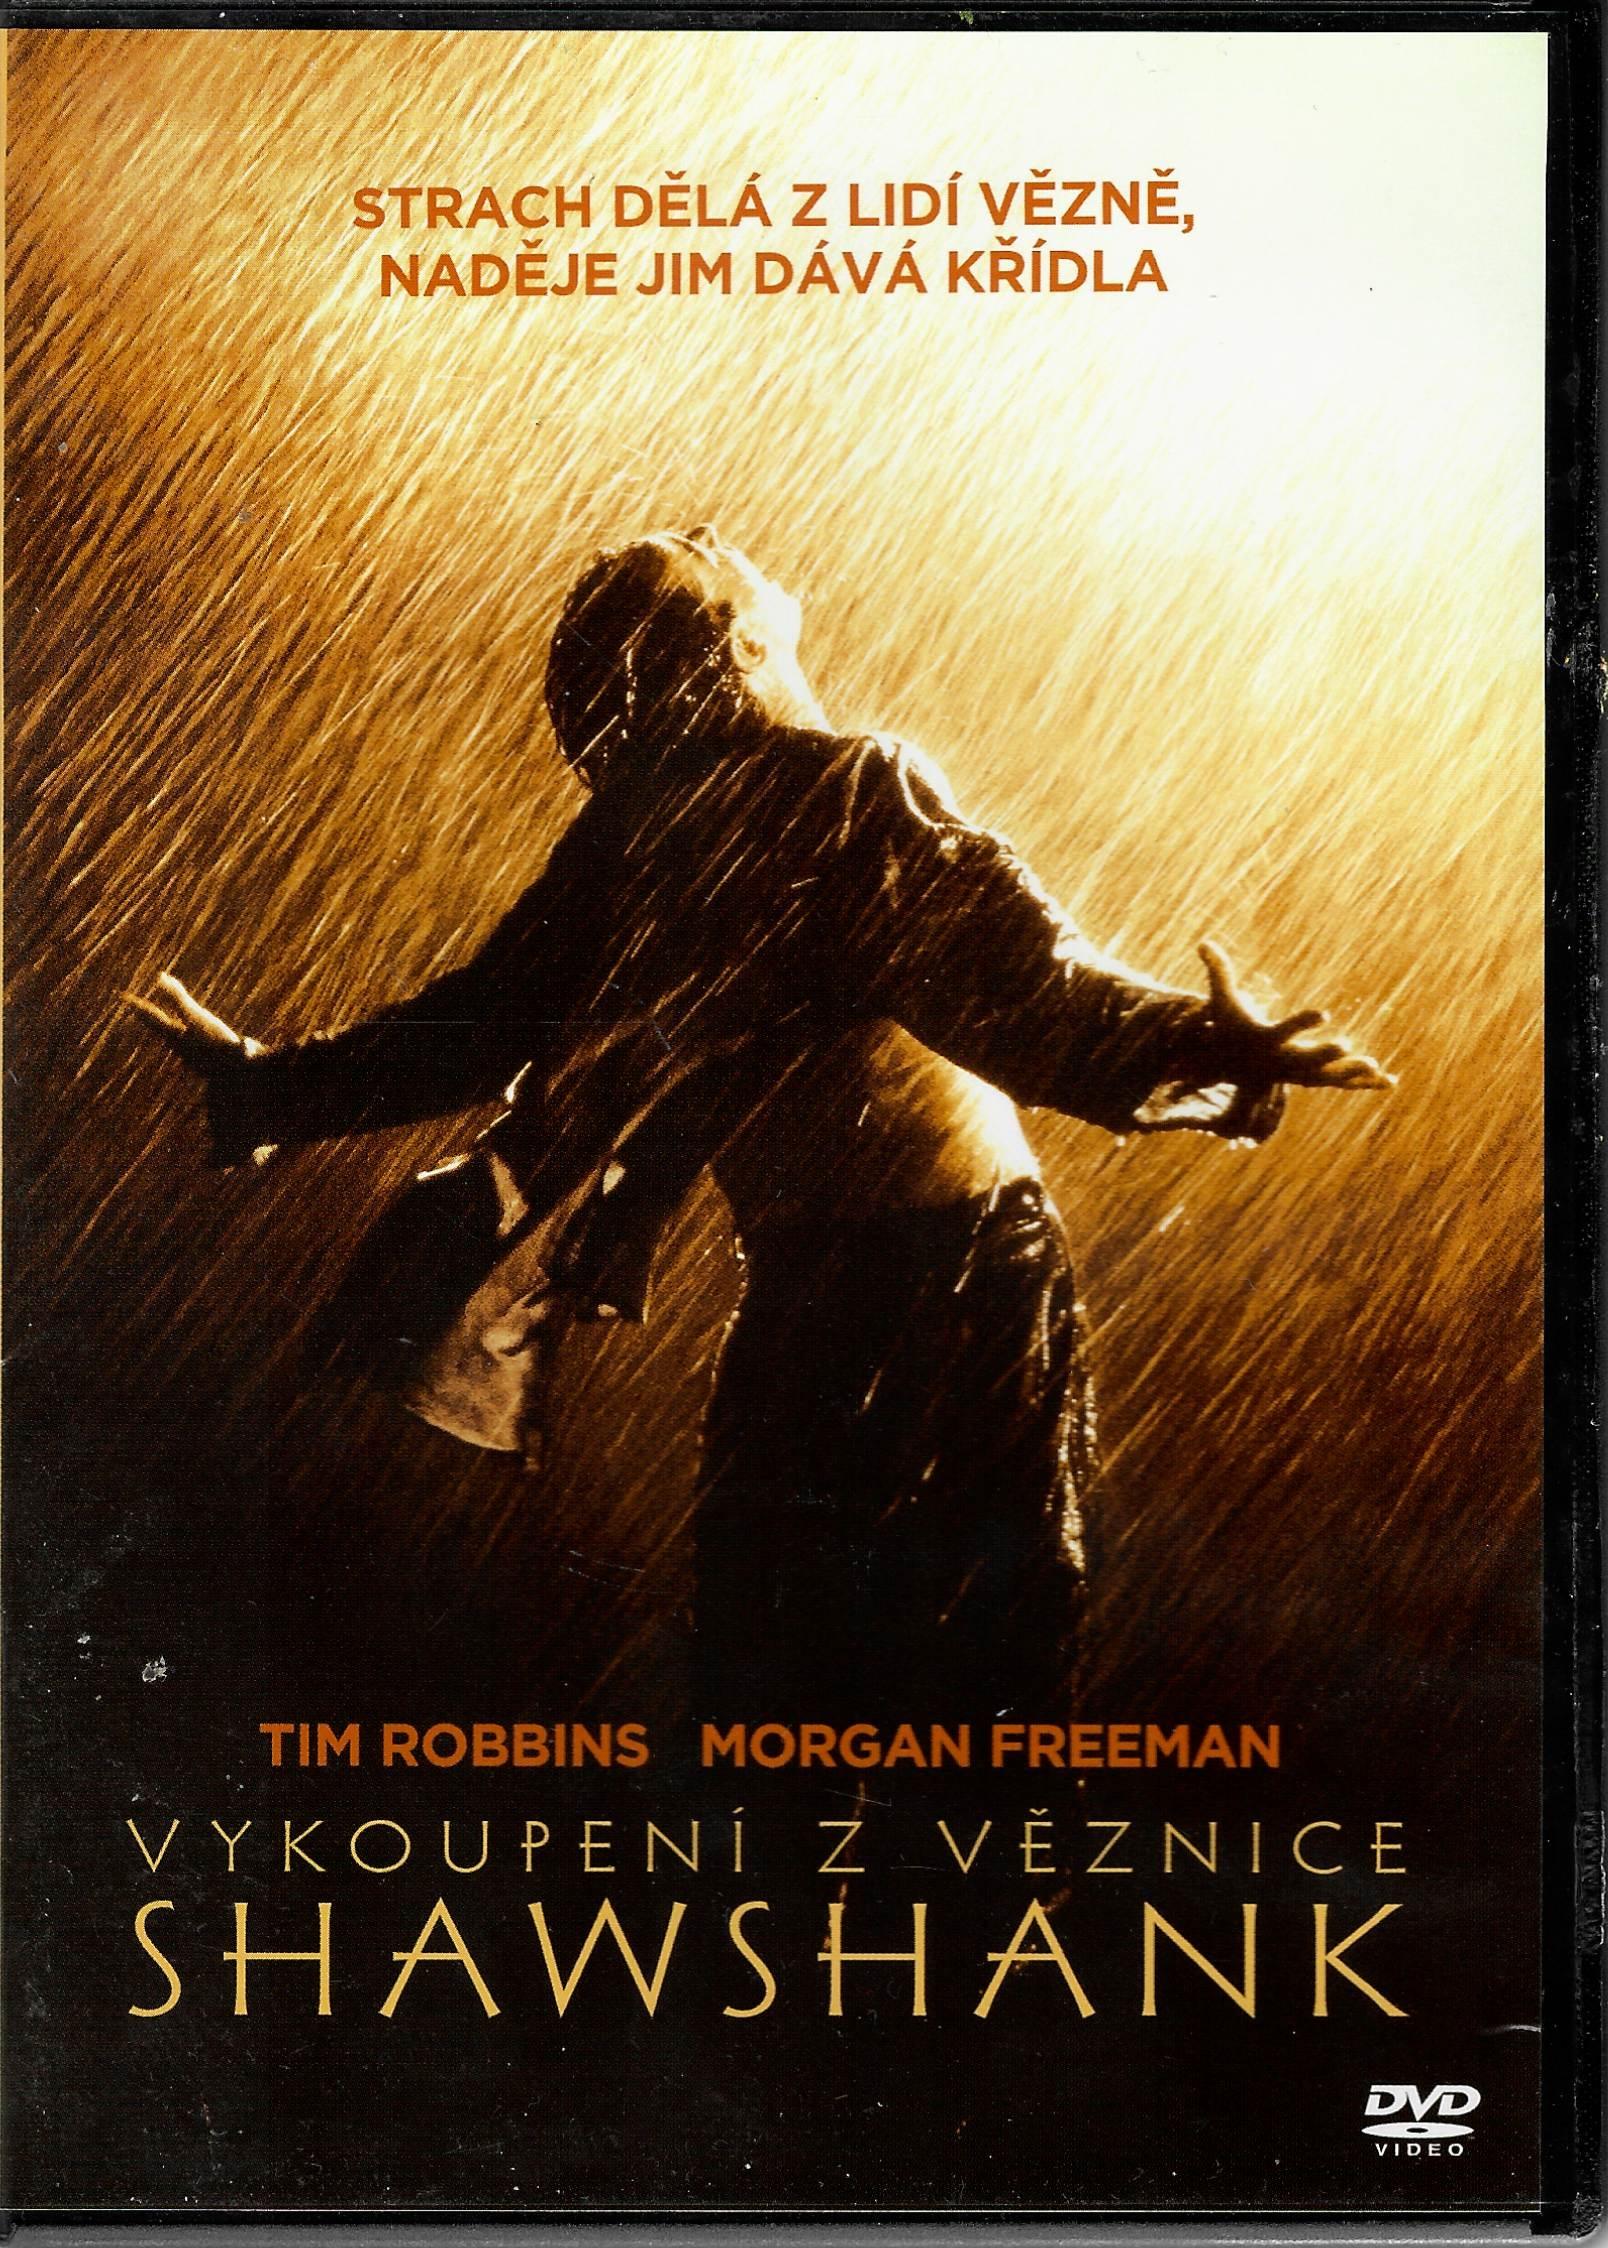 Vykoupení z věznice Shawshank - DVD plast